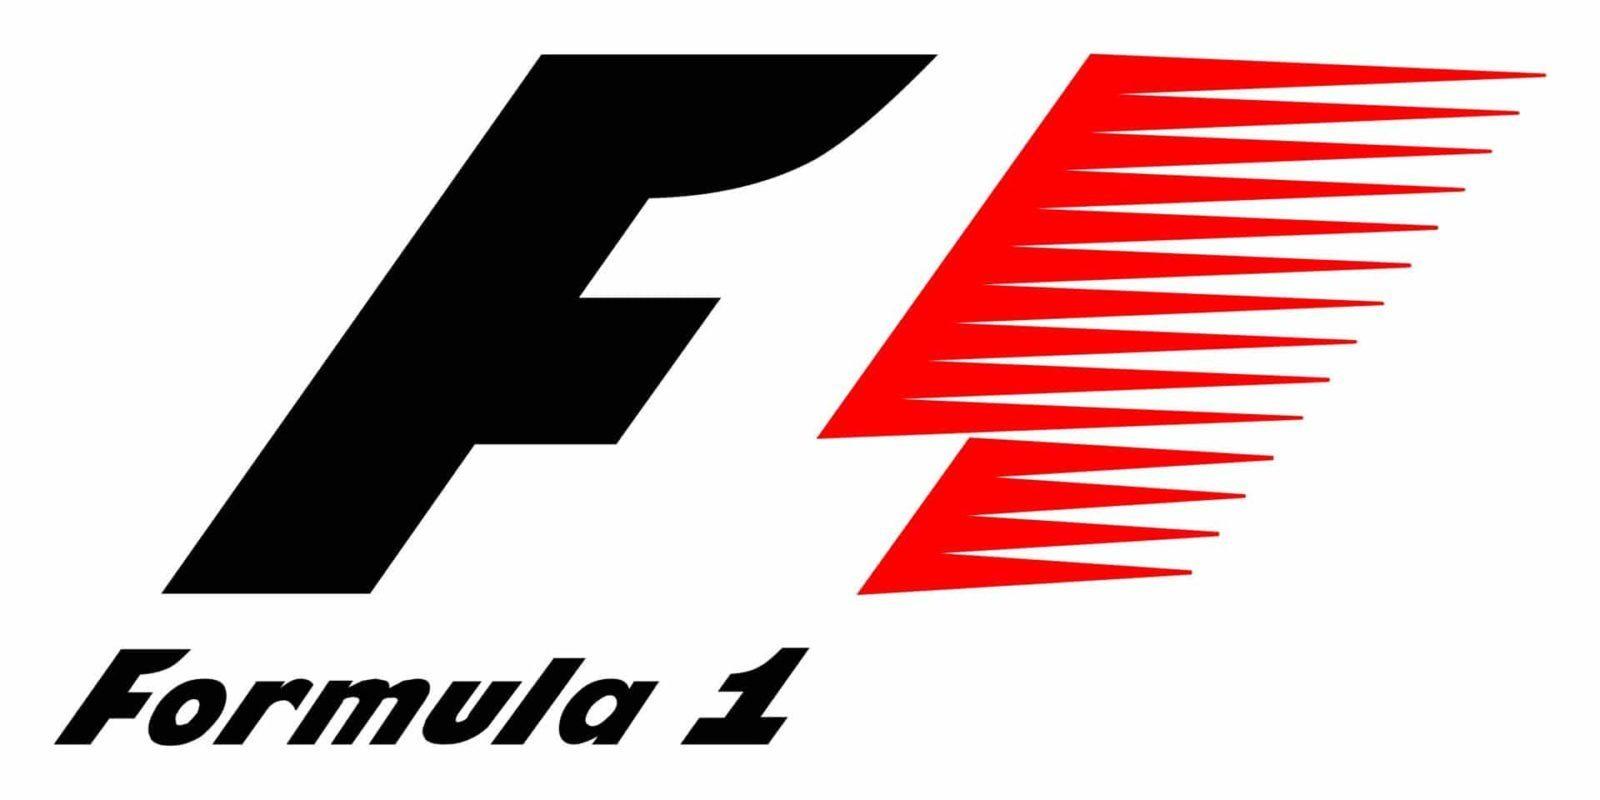 La f1 presentó el domingo pasado su nuevo logo